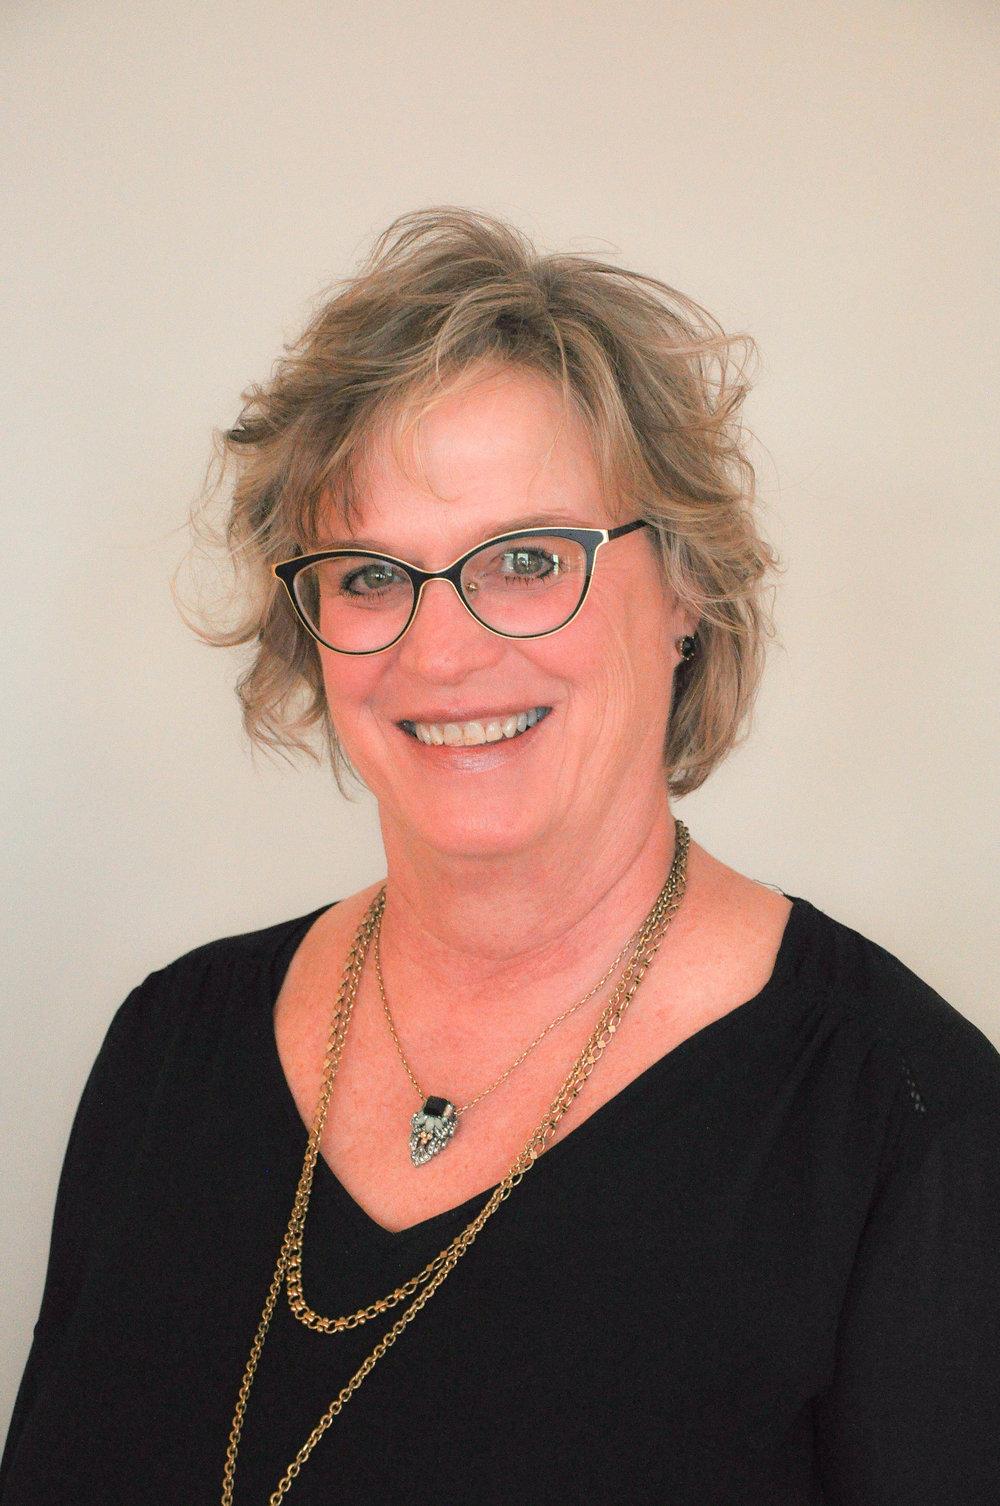 Lori Henn